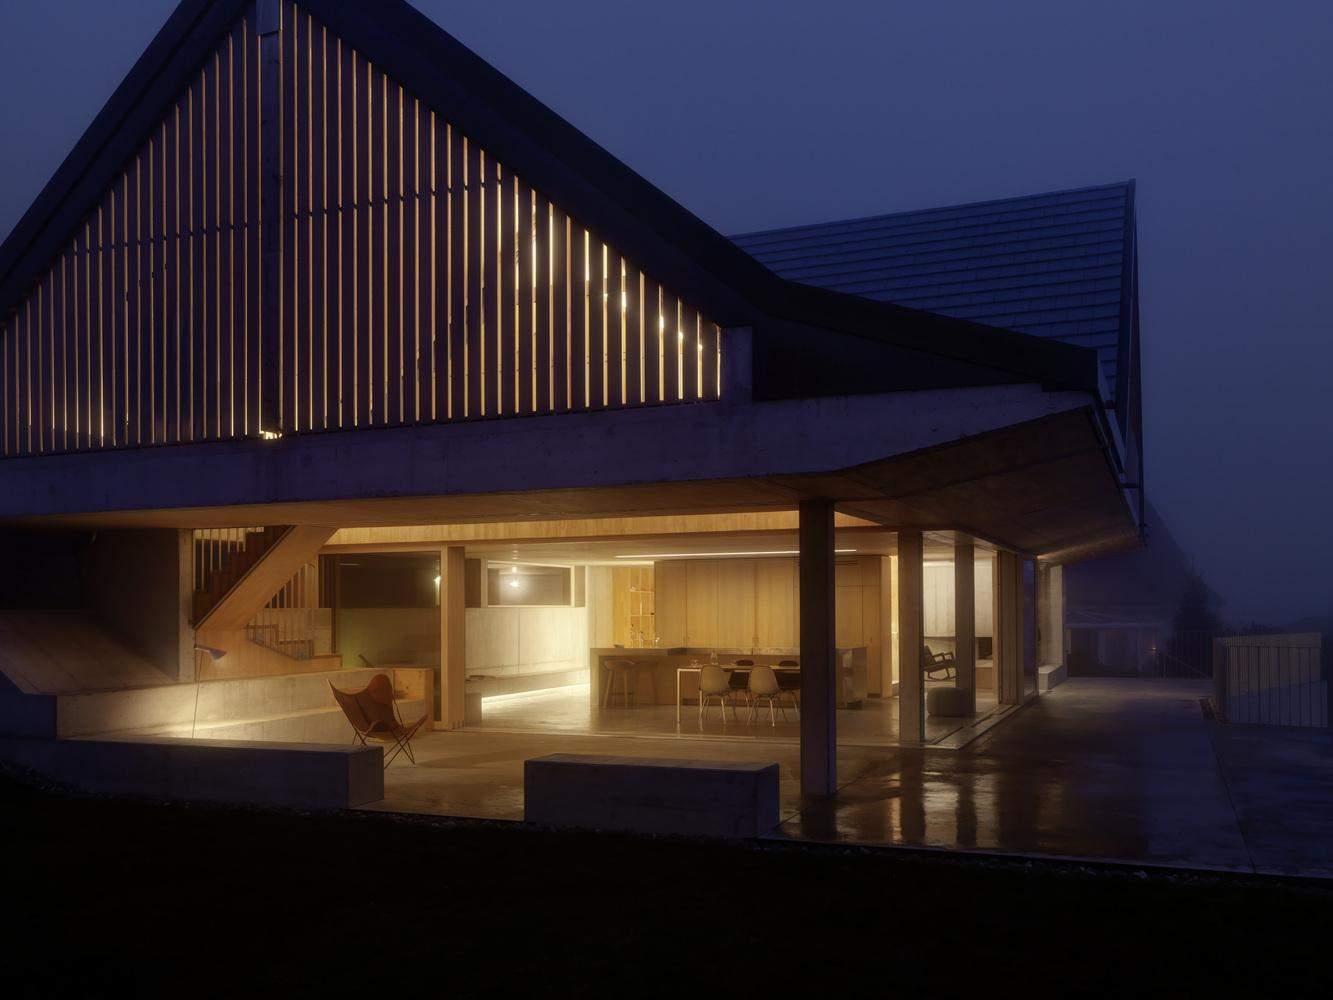 У домі економічно оптимізовані зовнішні втручання / Фото Archdaily